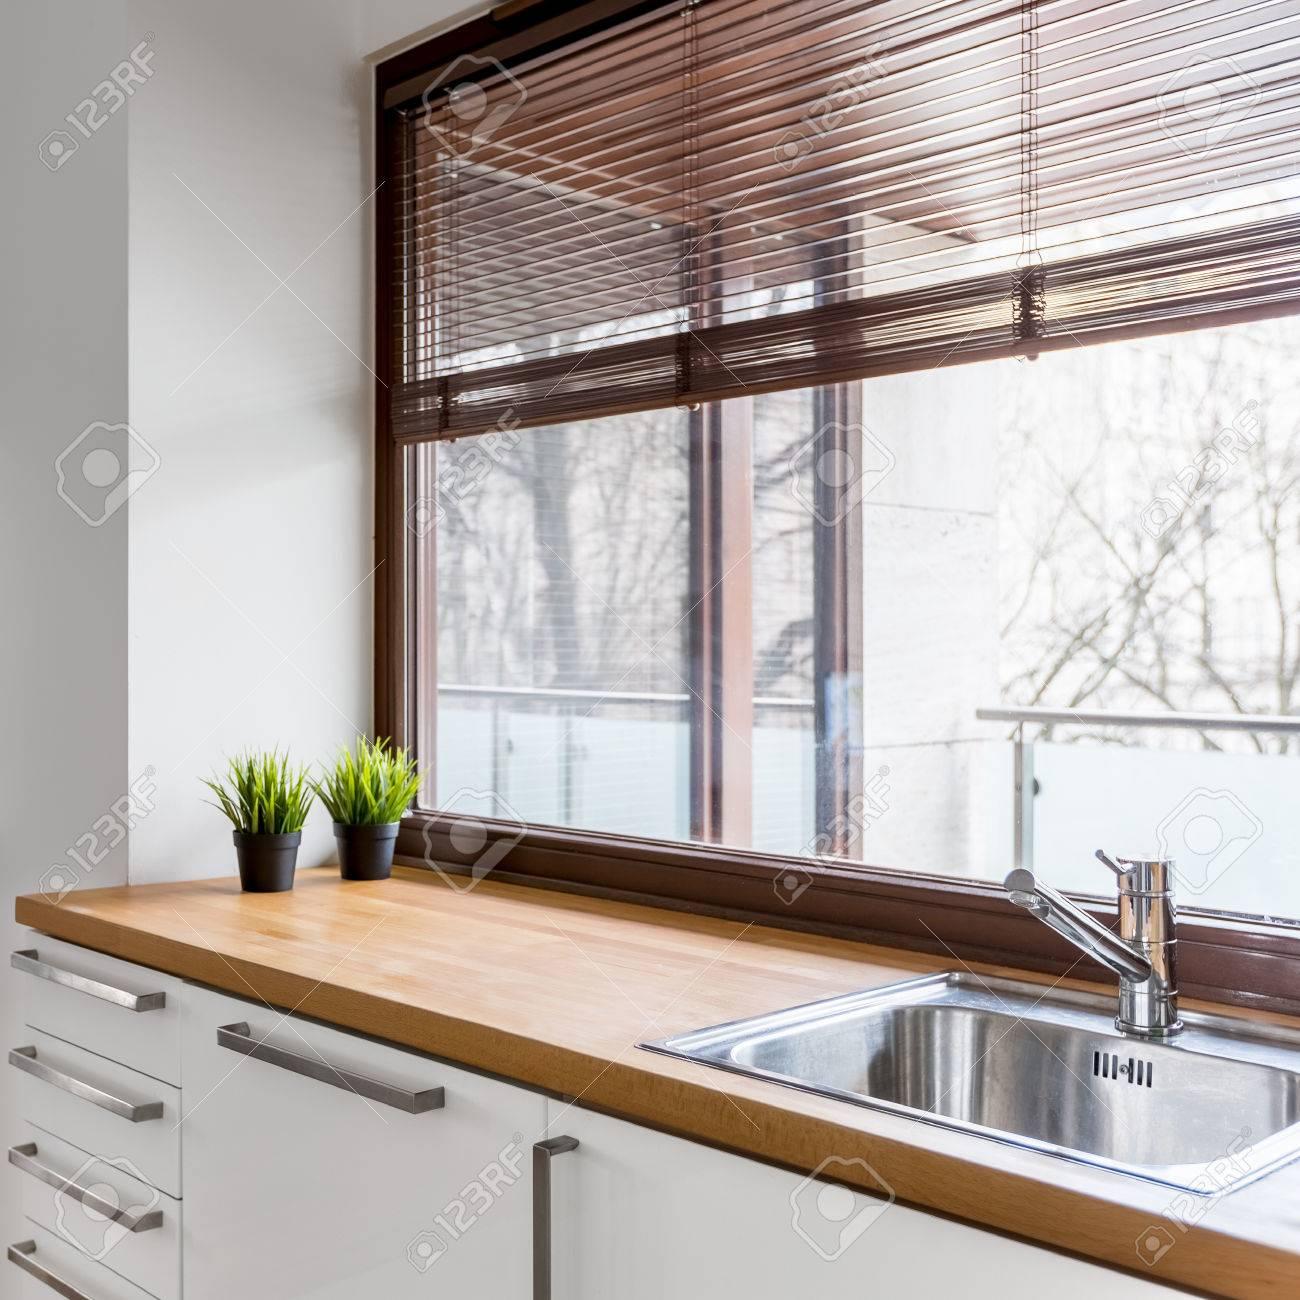 Super Weiße Küche Mit Holzarbeitsplatte, Silberner Spüle Und Großem MN32